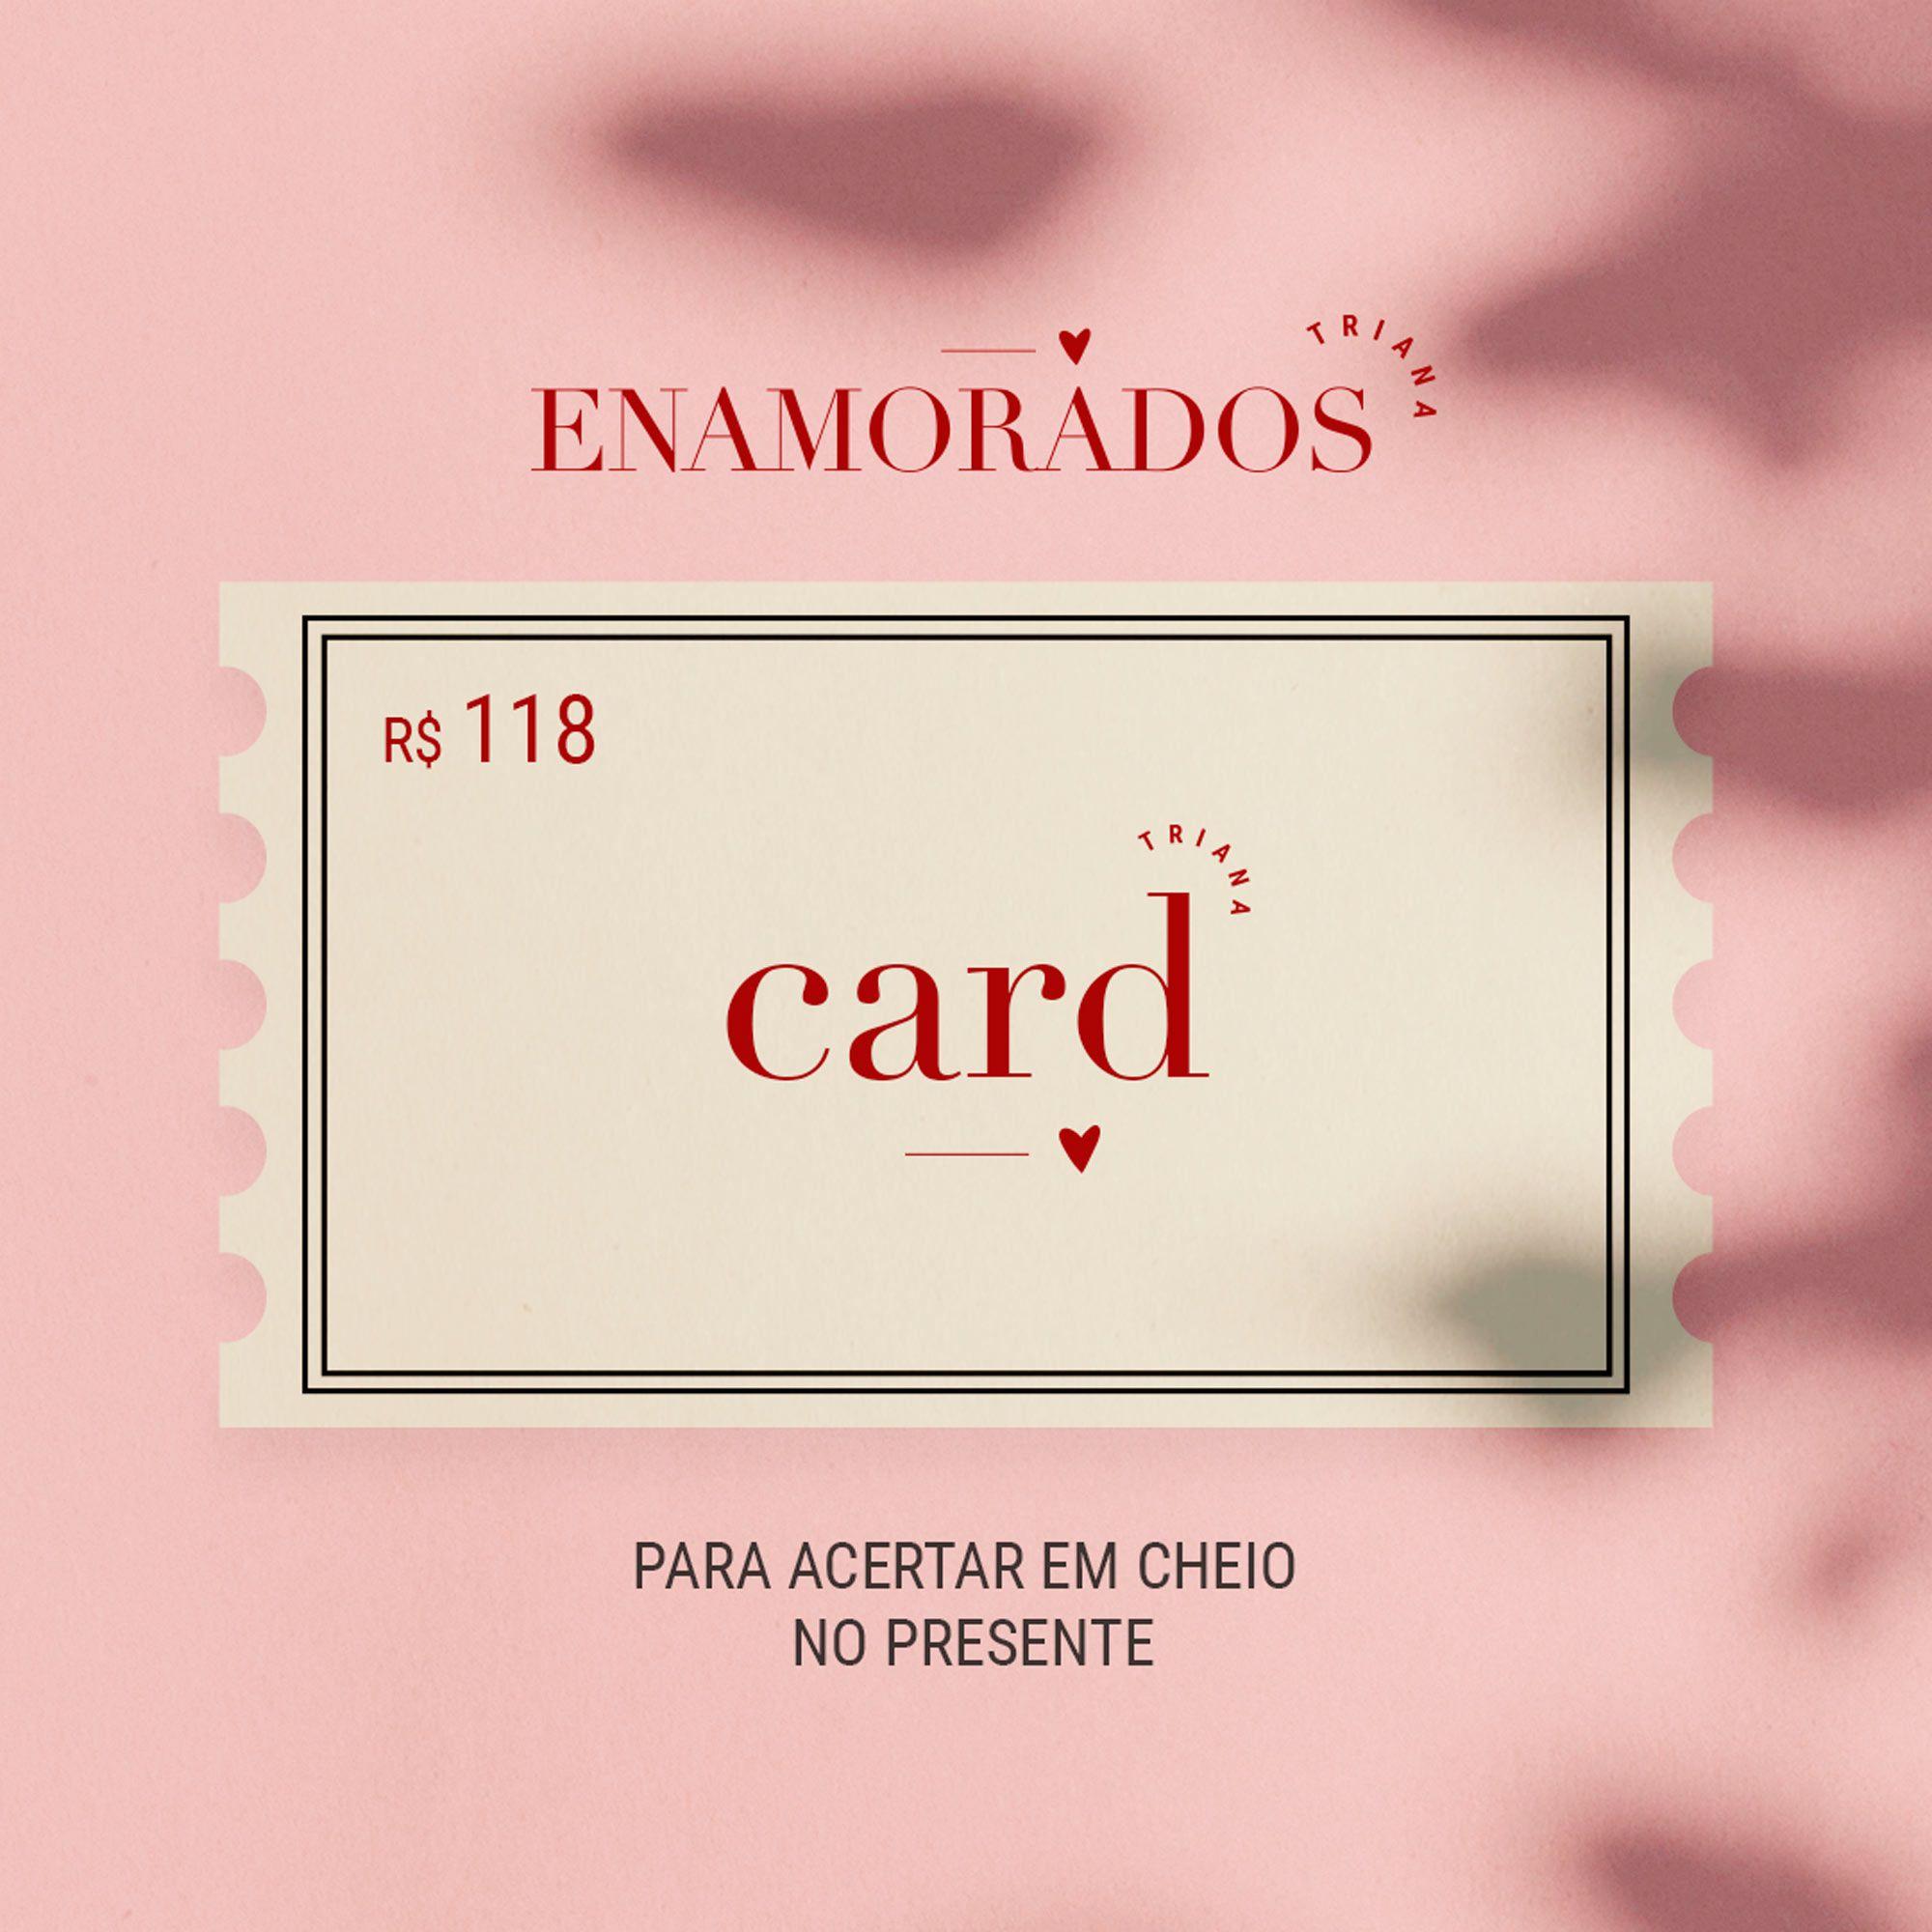 Enamorados Triana Card R$118,00 para acertar em cheio no presente S2